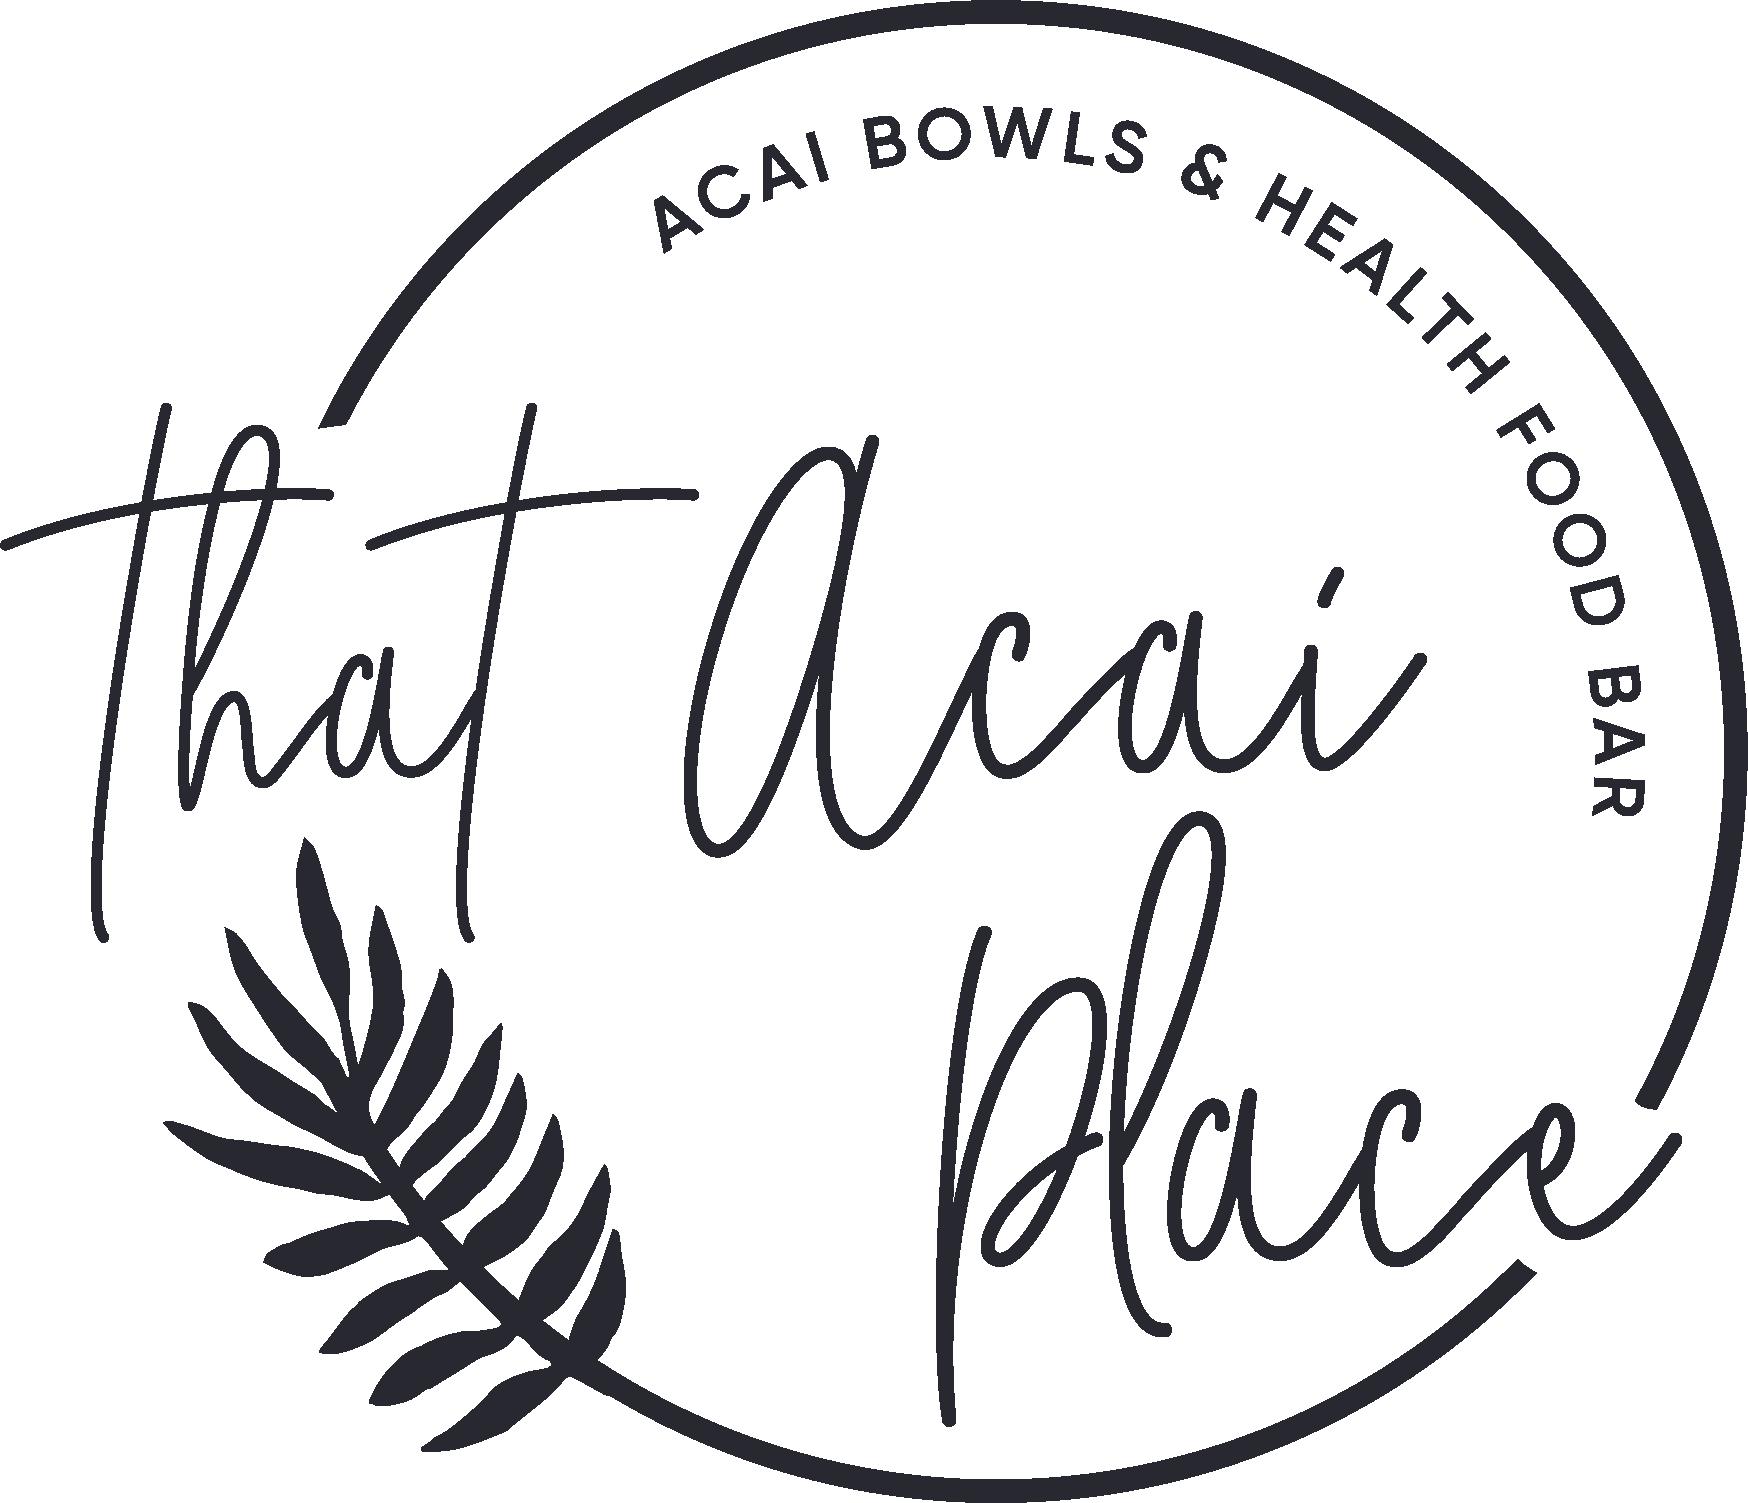 Design a unique yet slightly feminine logo for a vegan friendly acai bar